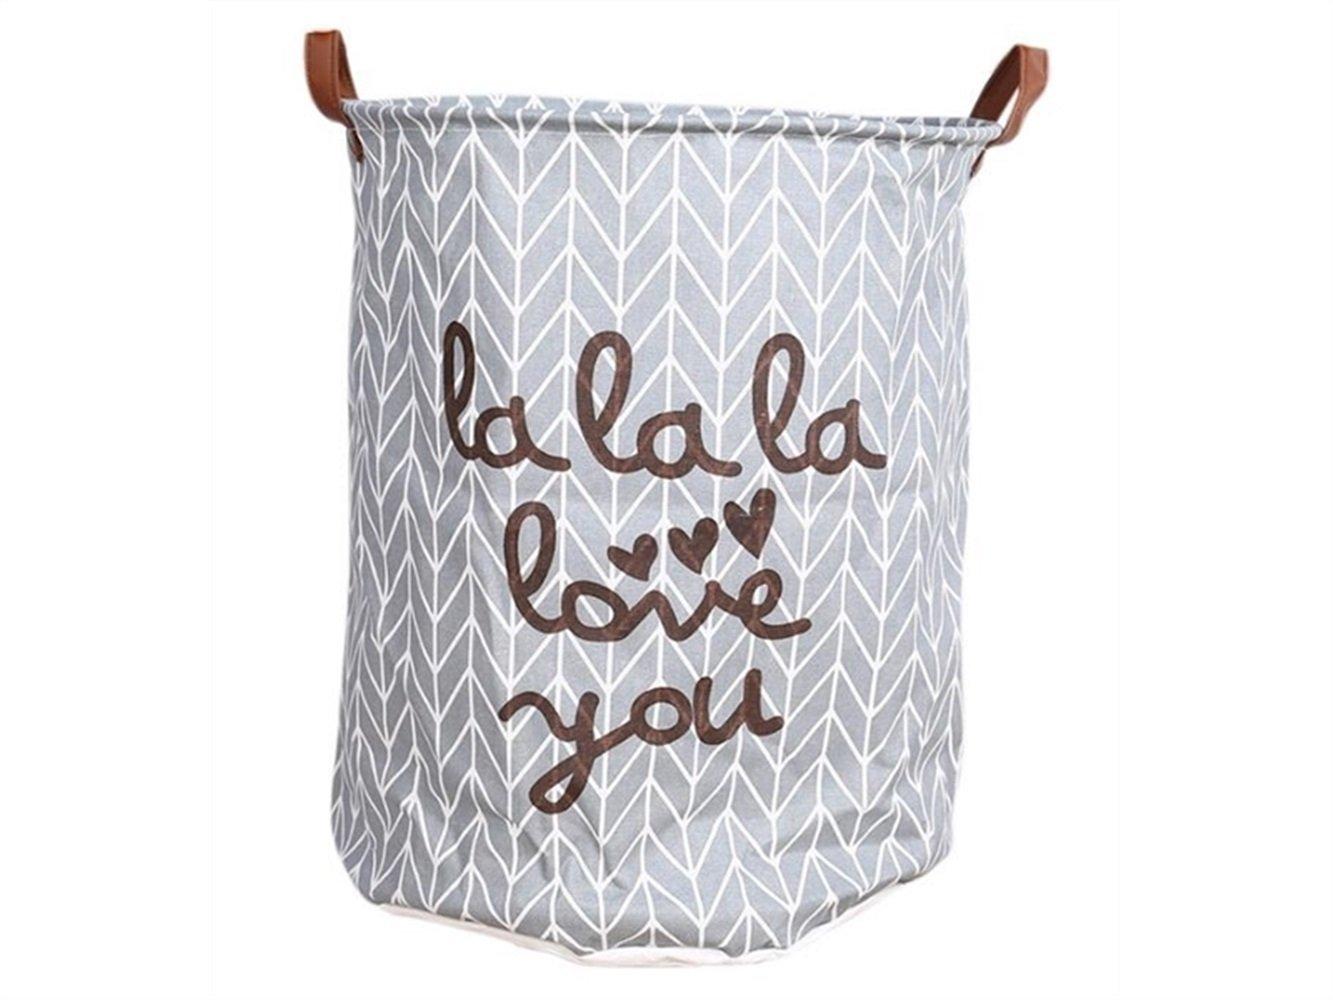 Gelaiken Lightweight Love You Pattern Storage Bucket Cotton and Linen Bucket Sundries Storage Bucket Waterproof Storage Bucket(Gray)